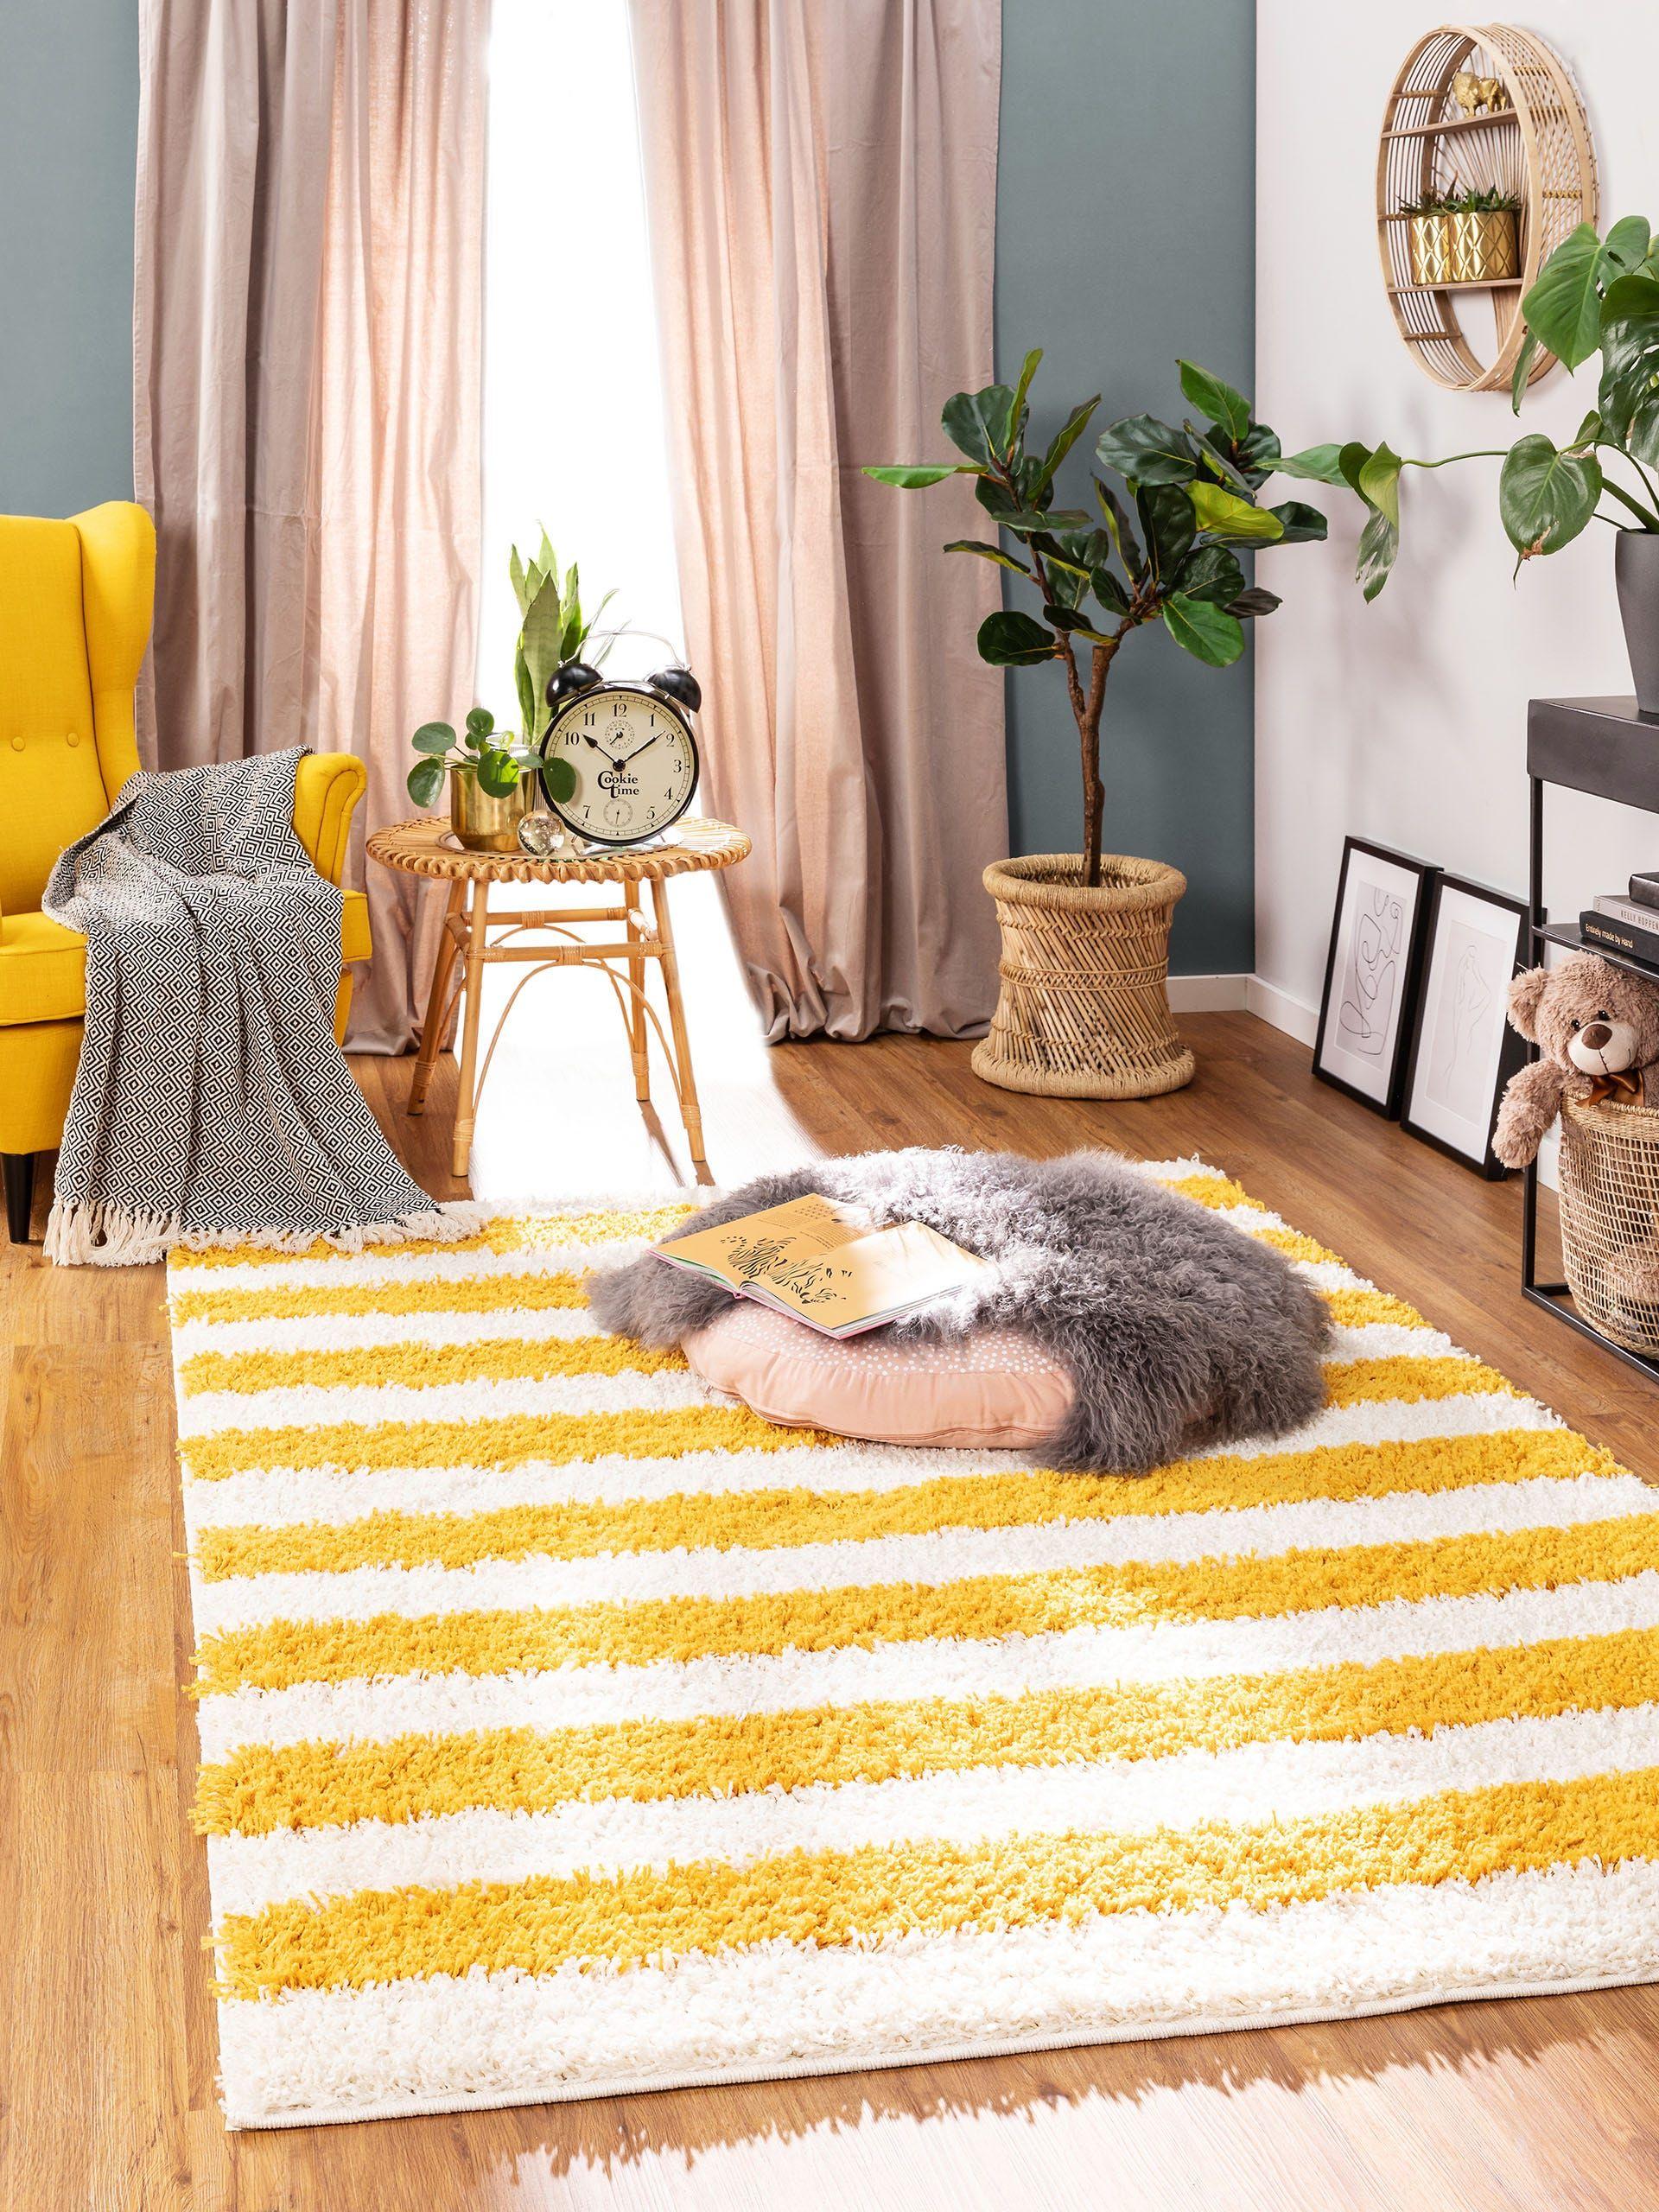 Kinderteppich Soho Gelb In 2020 Teppich Kinderzimmer Kinderteppiche Teppich Kinder